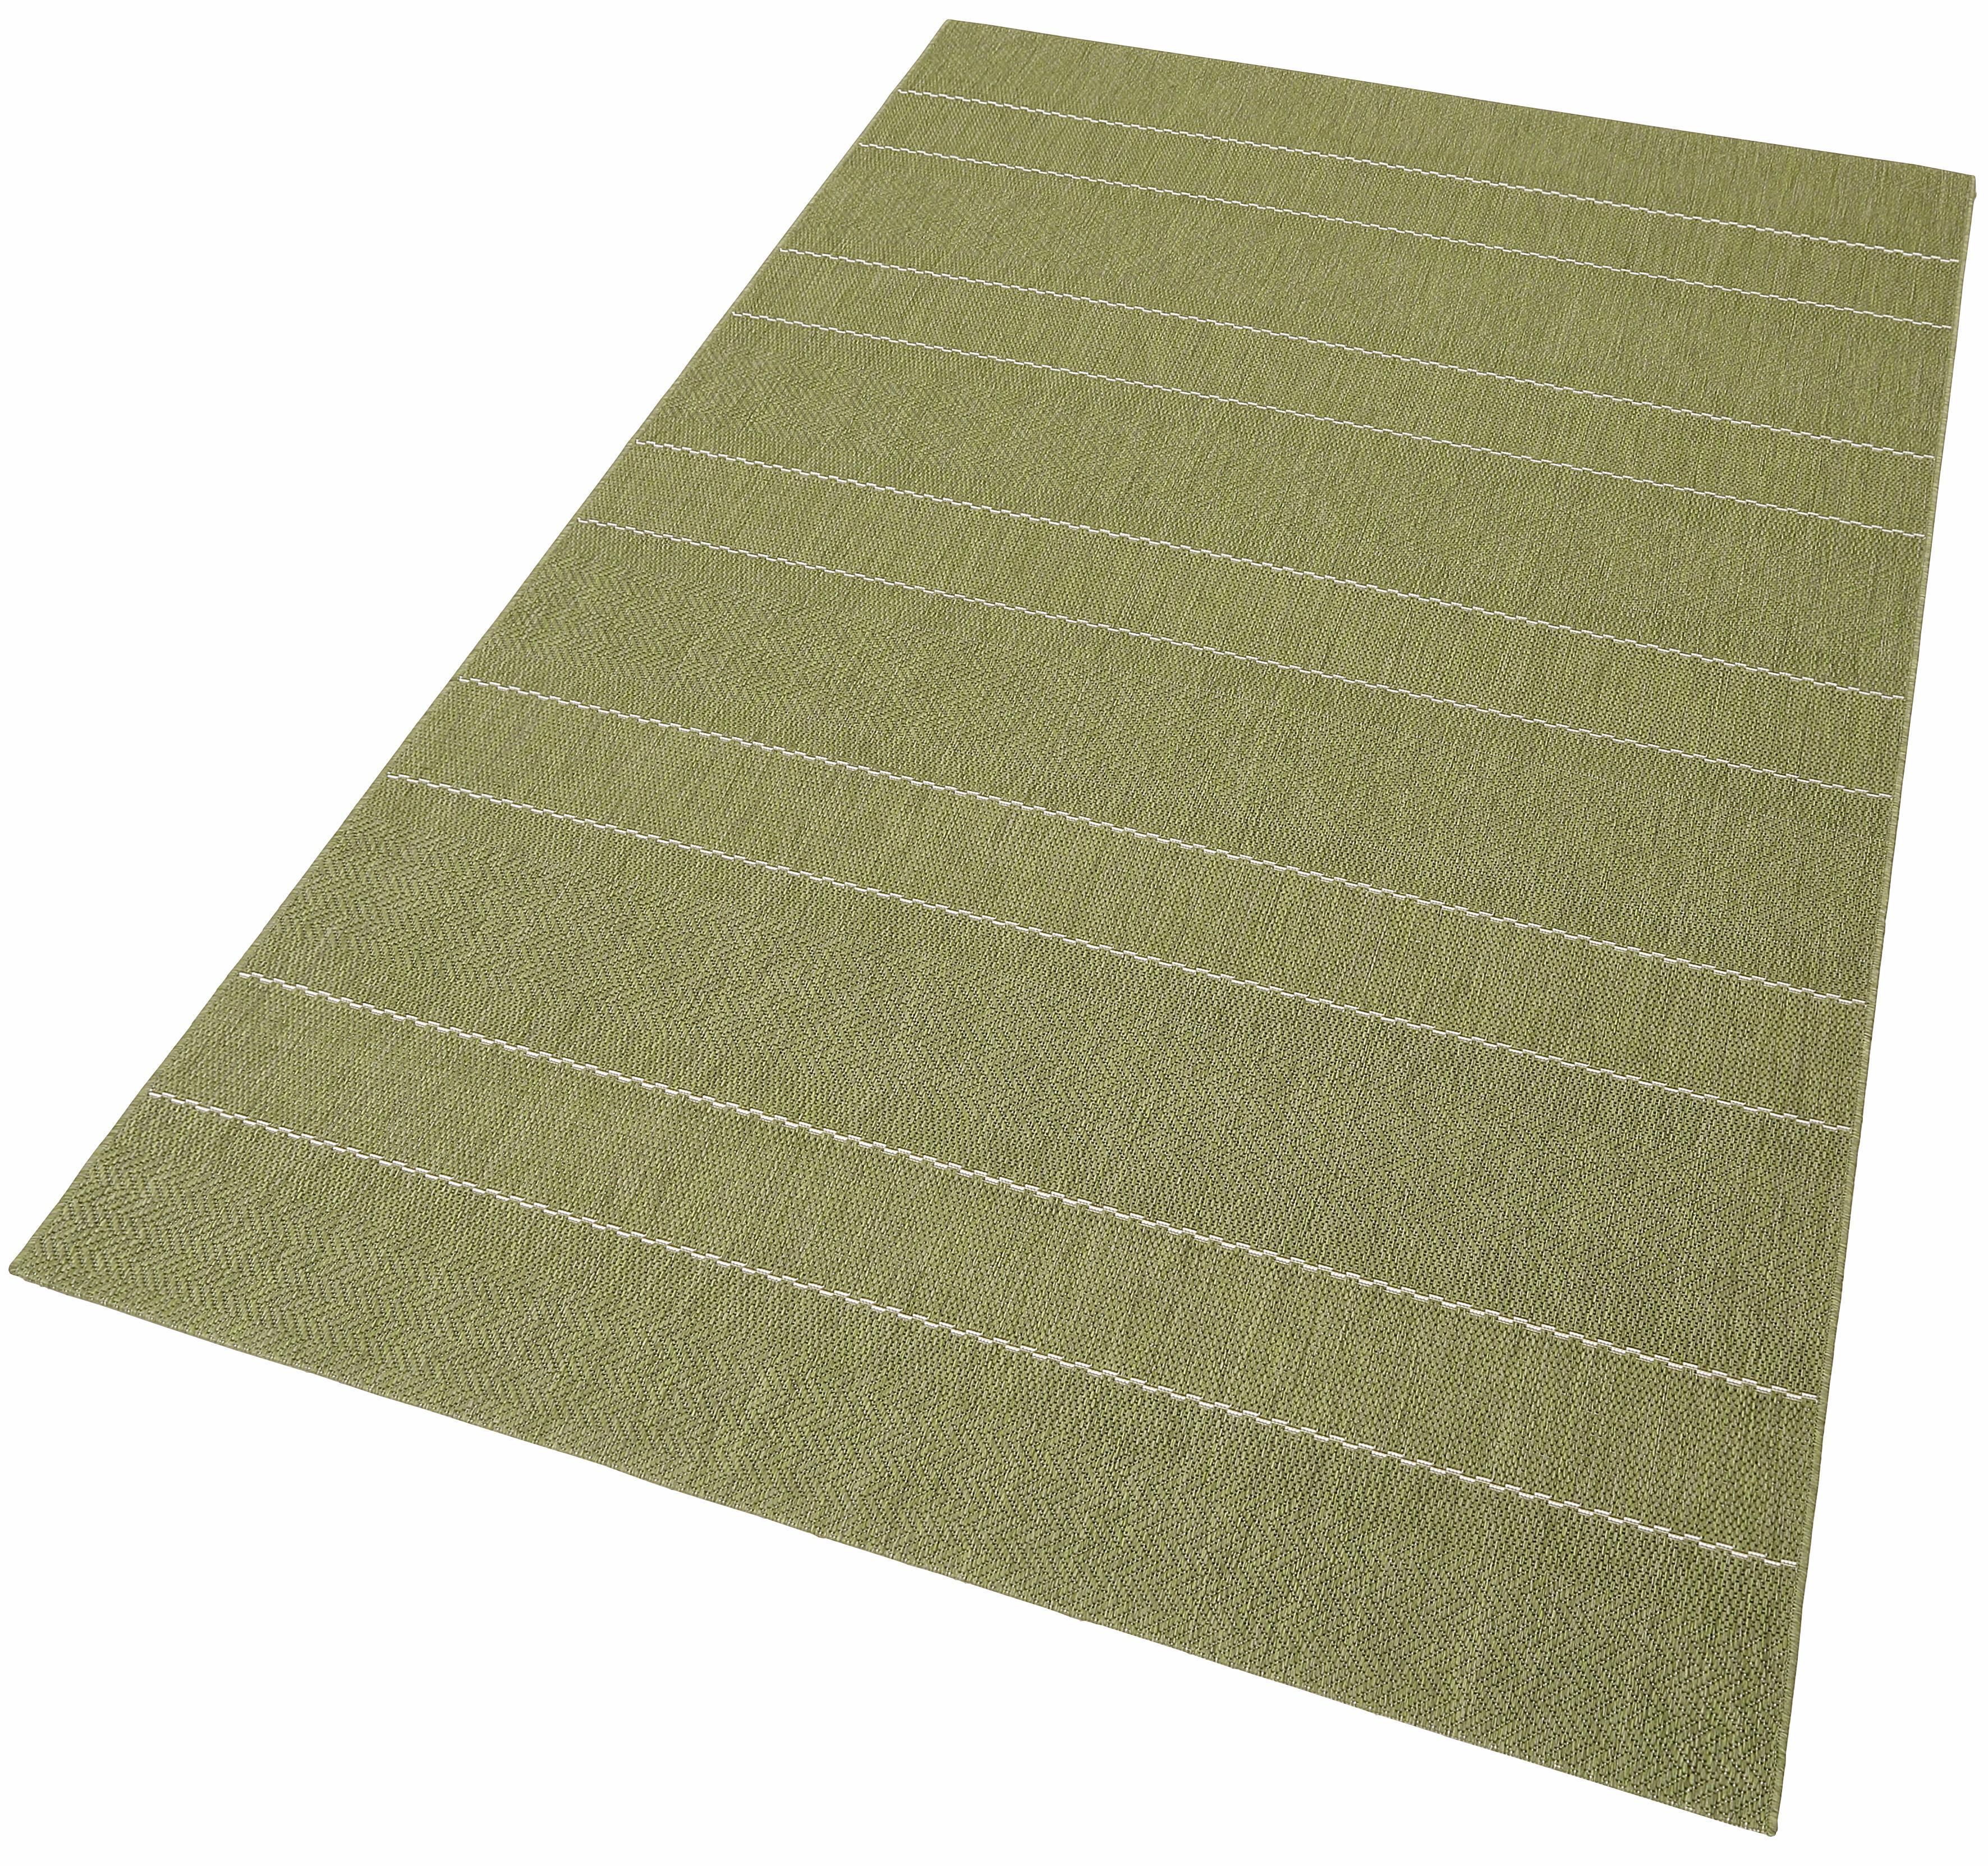 Teppich Fürth HANSE Home rechteckig Höhe 8 mm maschinell getuftet